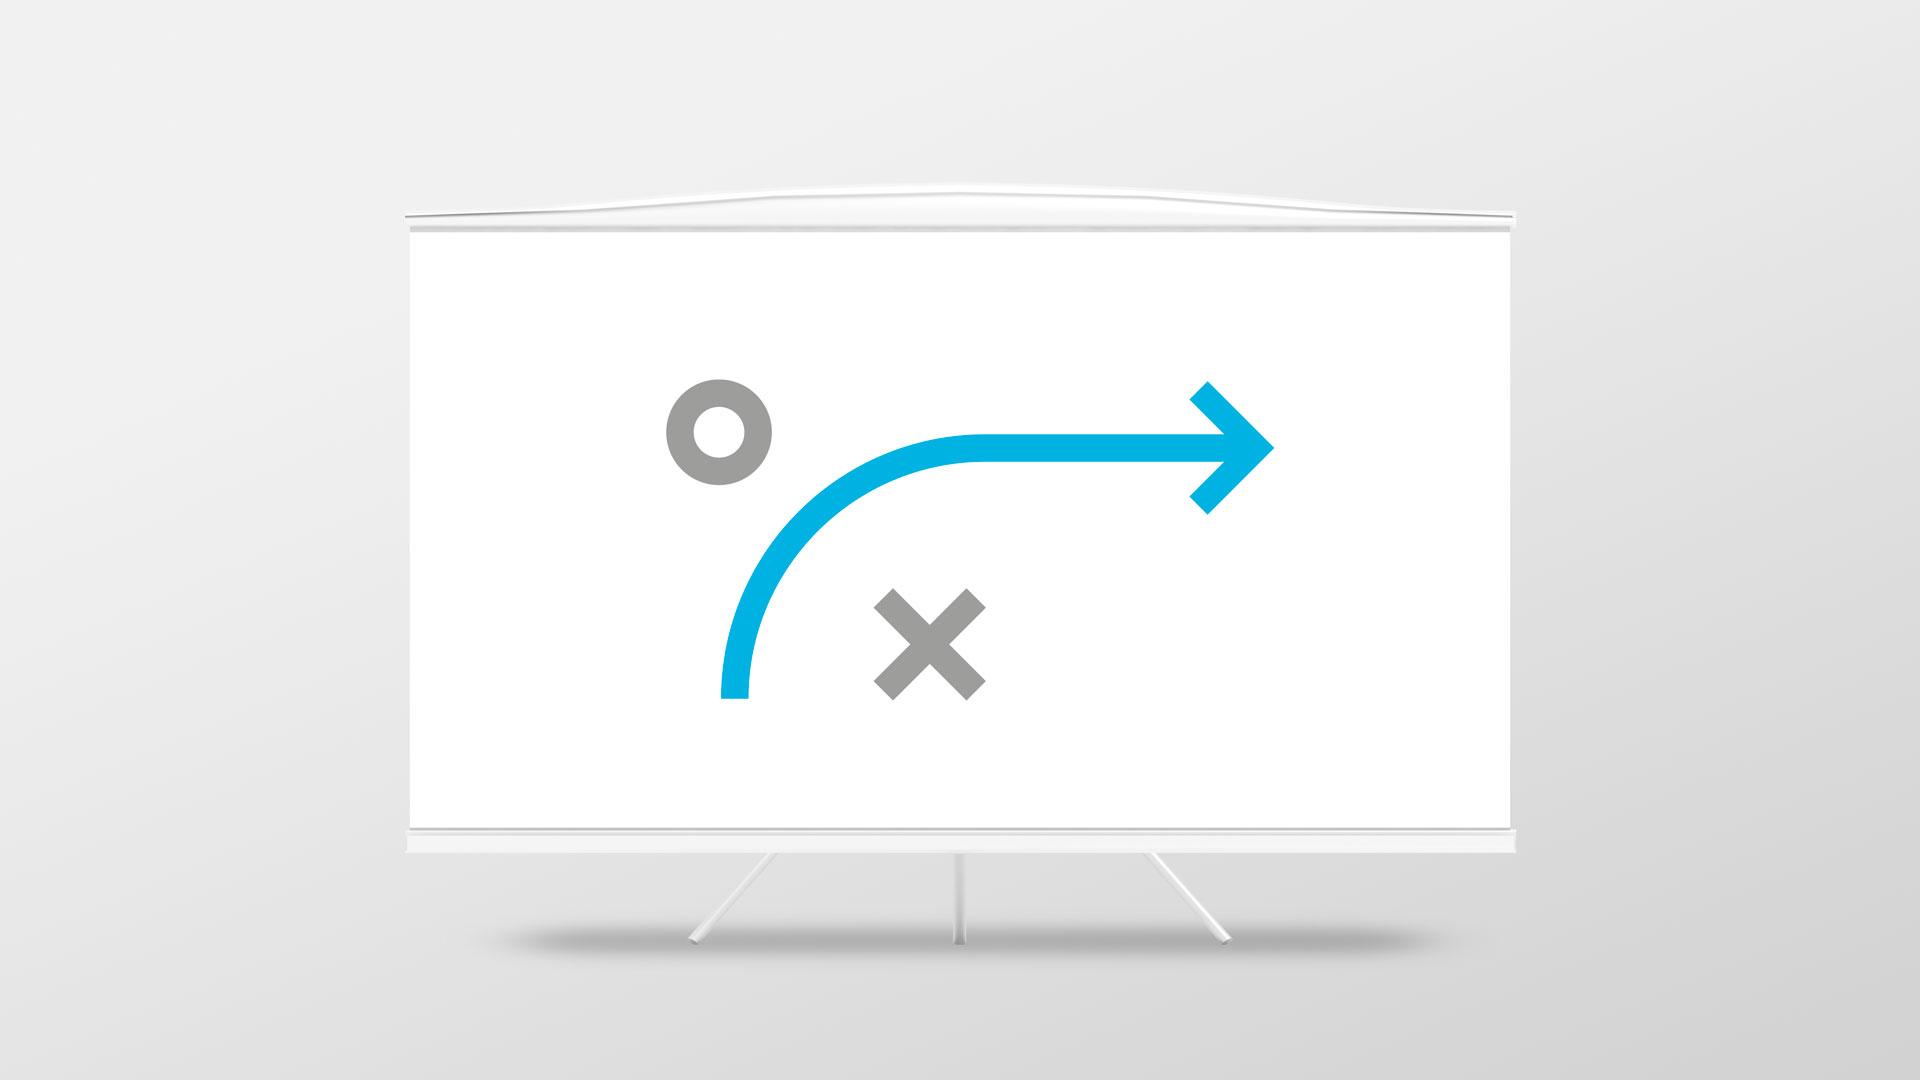 En whiteboard tavle med piler og symboler. Illustrasjonsbilde.